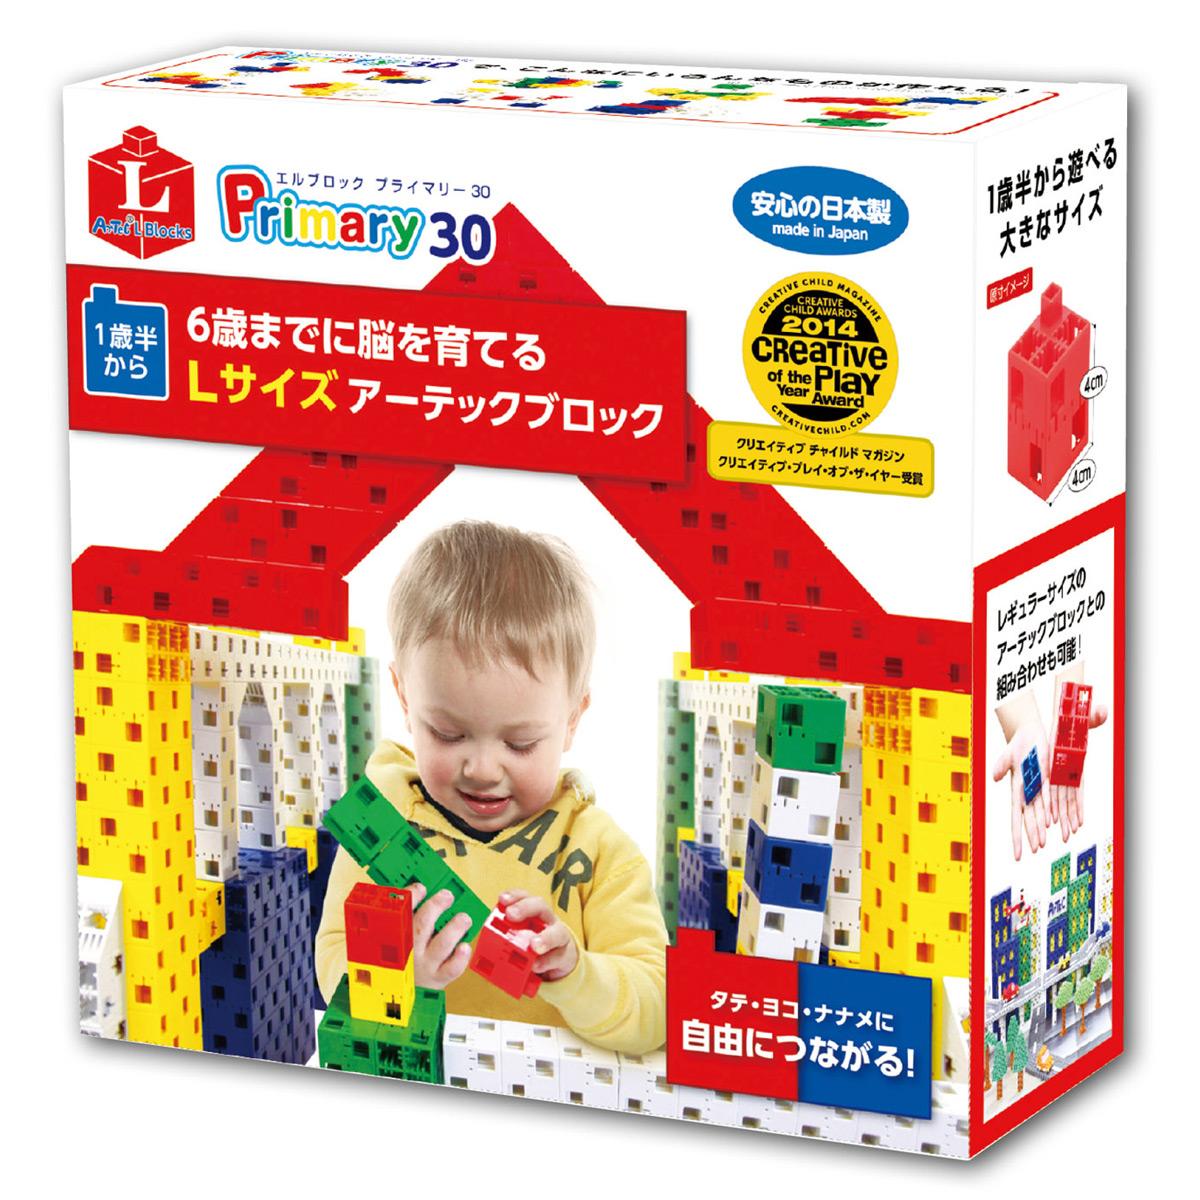 アーテックブロック ブロック おもちゃ L ブロック プライマリー 30ピース 日本製 ゲーム 玩具 レゴ・レゴブロックのように自由に遊べます